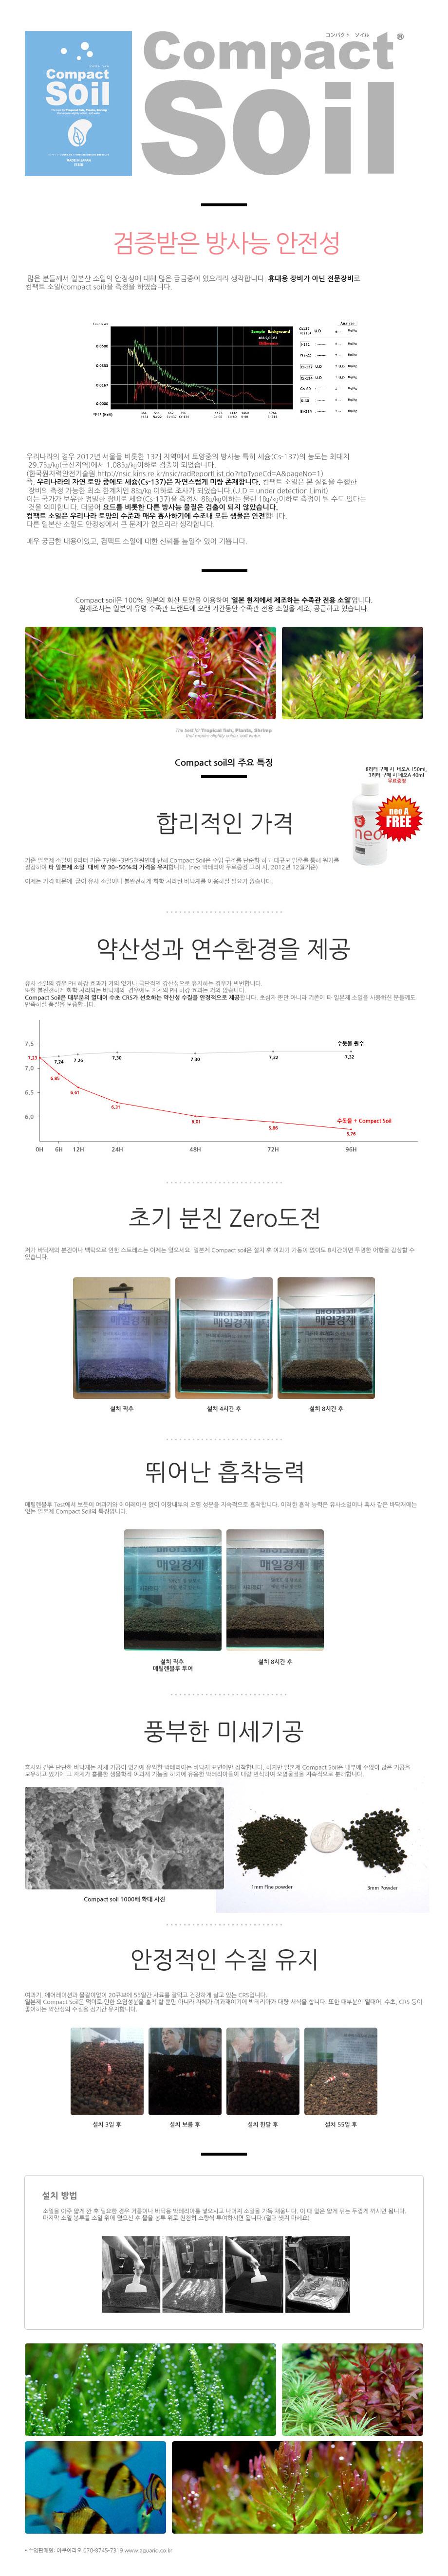 컴팩트소일 3mm 8리터 - 라라아쿠아, 25,300원, 장식품, 바닥재